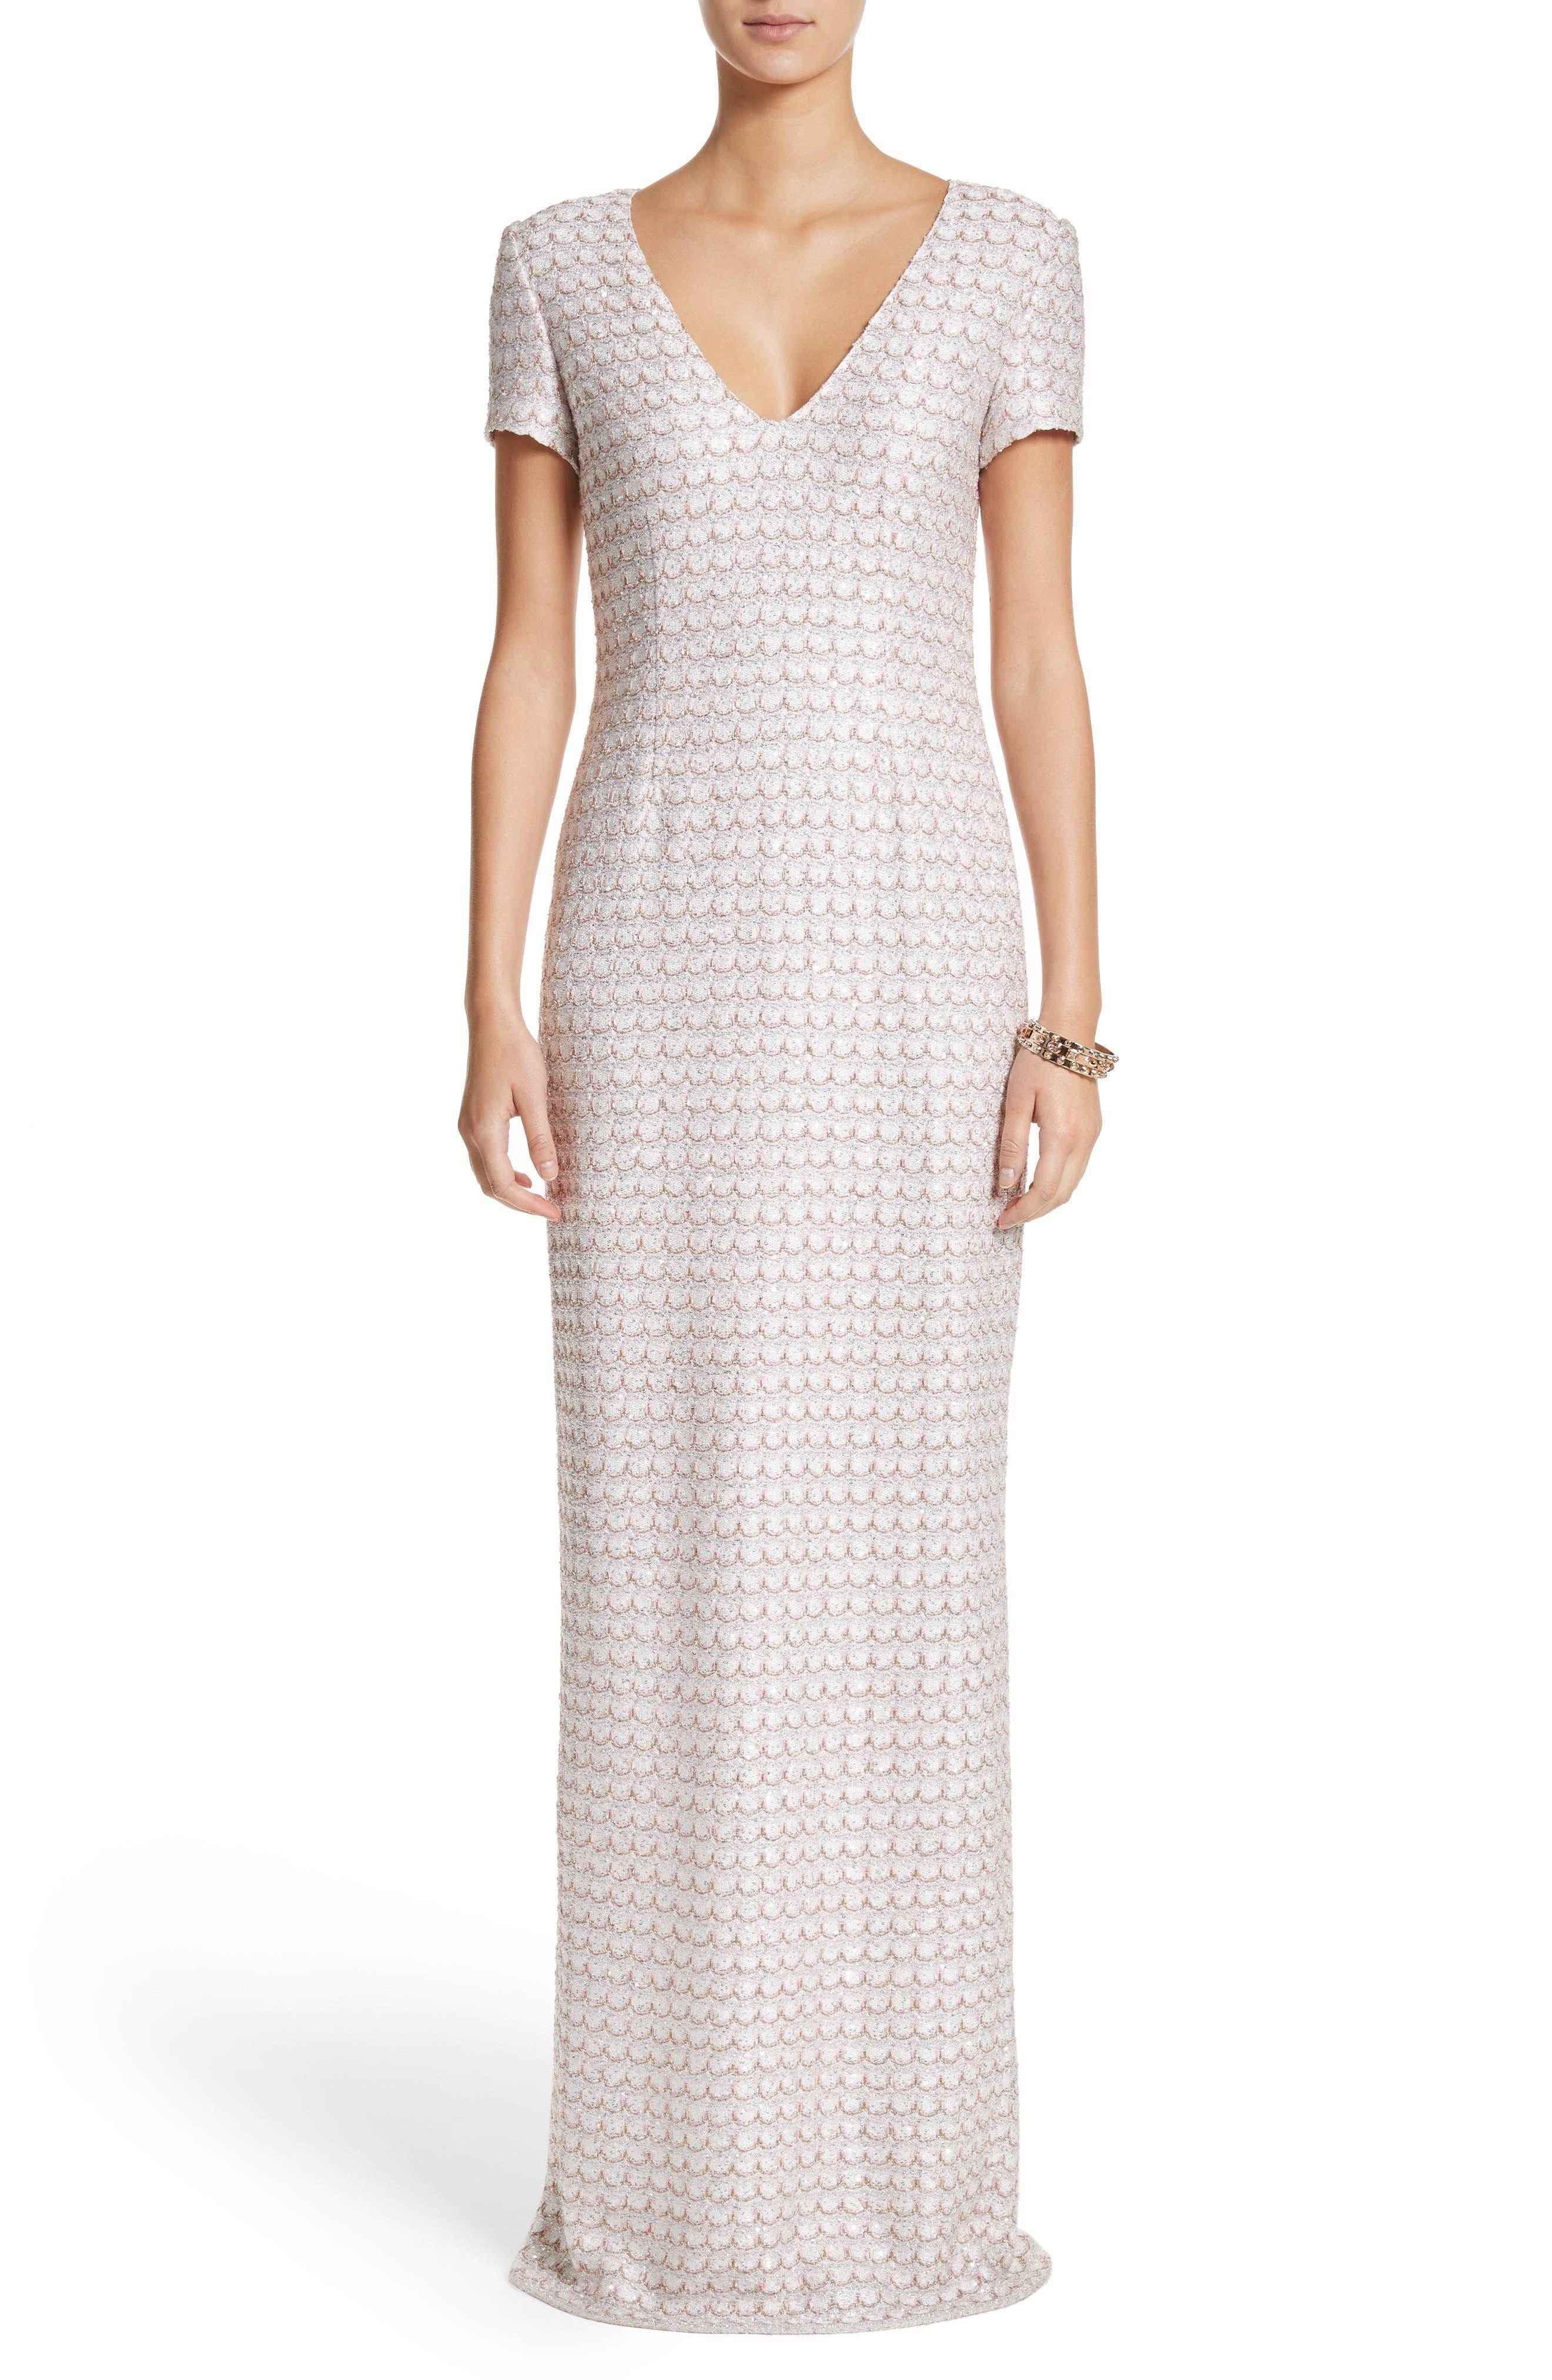 St. John Evening Sequin Scallop Knit Column Gown